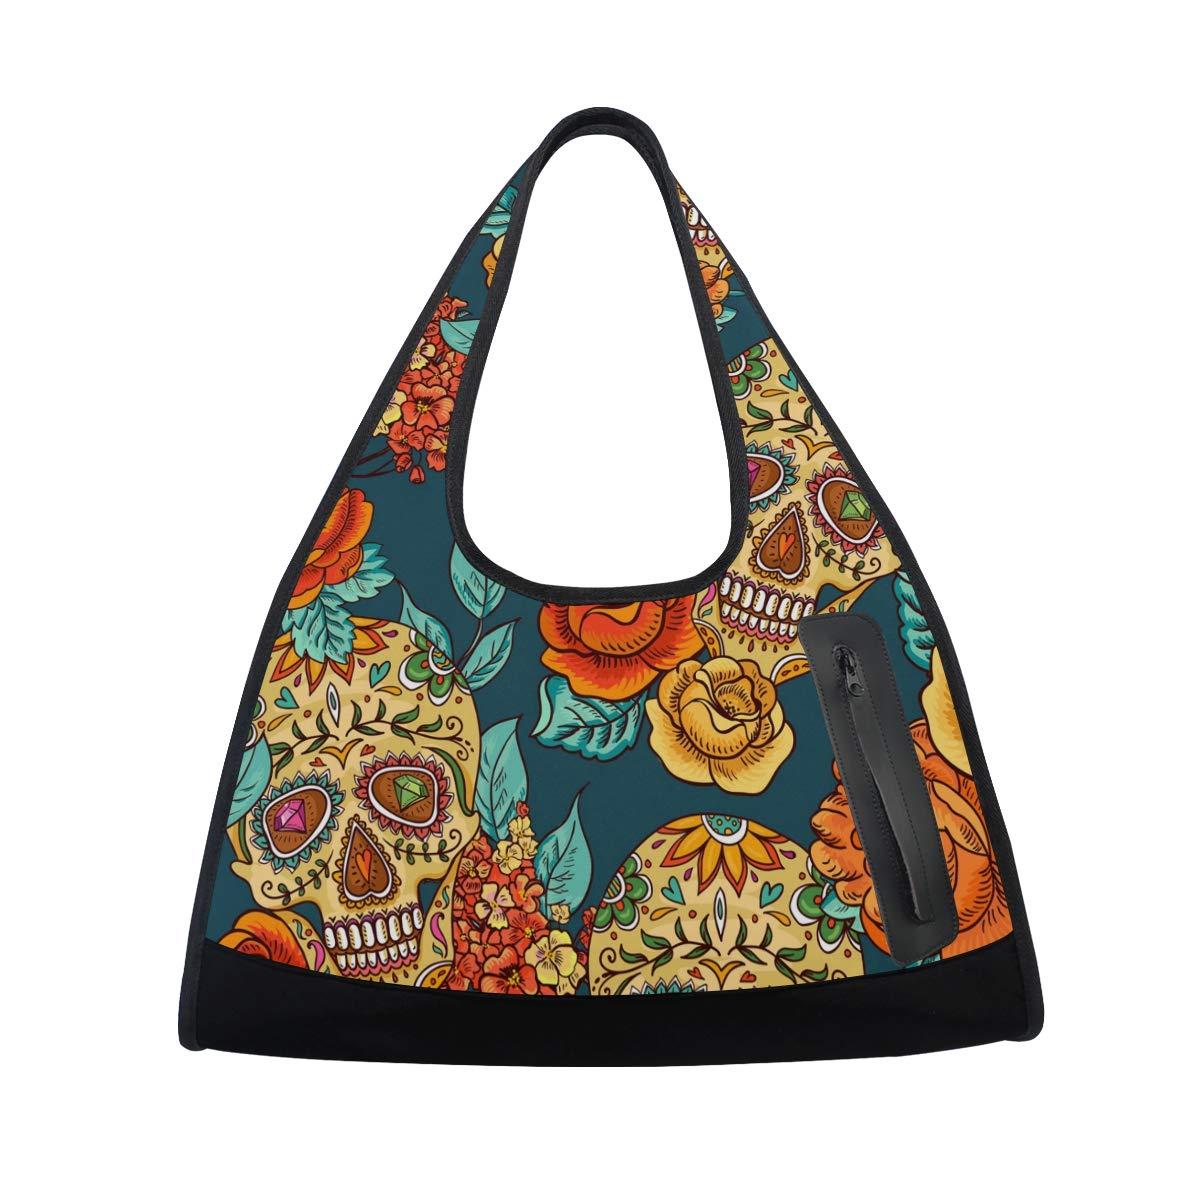 Floral Sugar Skull Women Sports Gym Totes Bag Multi-Function Nylon Travel Shoulder Bag